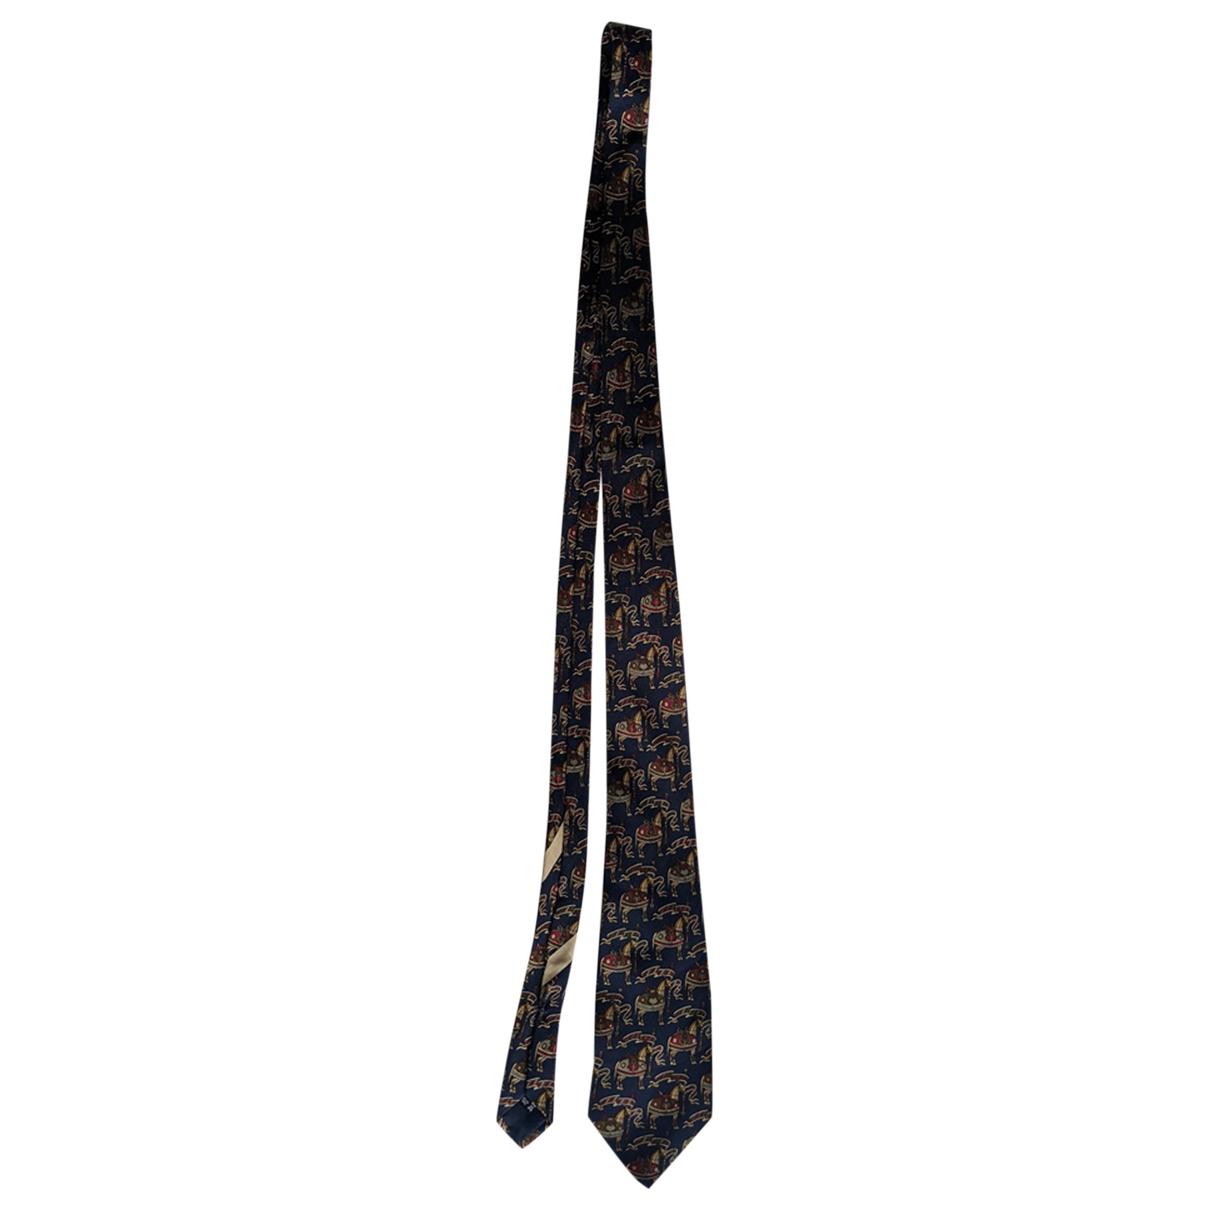 Salvatore Ferragamo - Cravates   pour homme en soie - marine